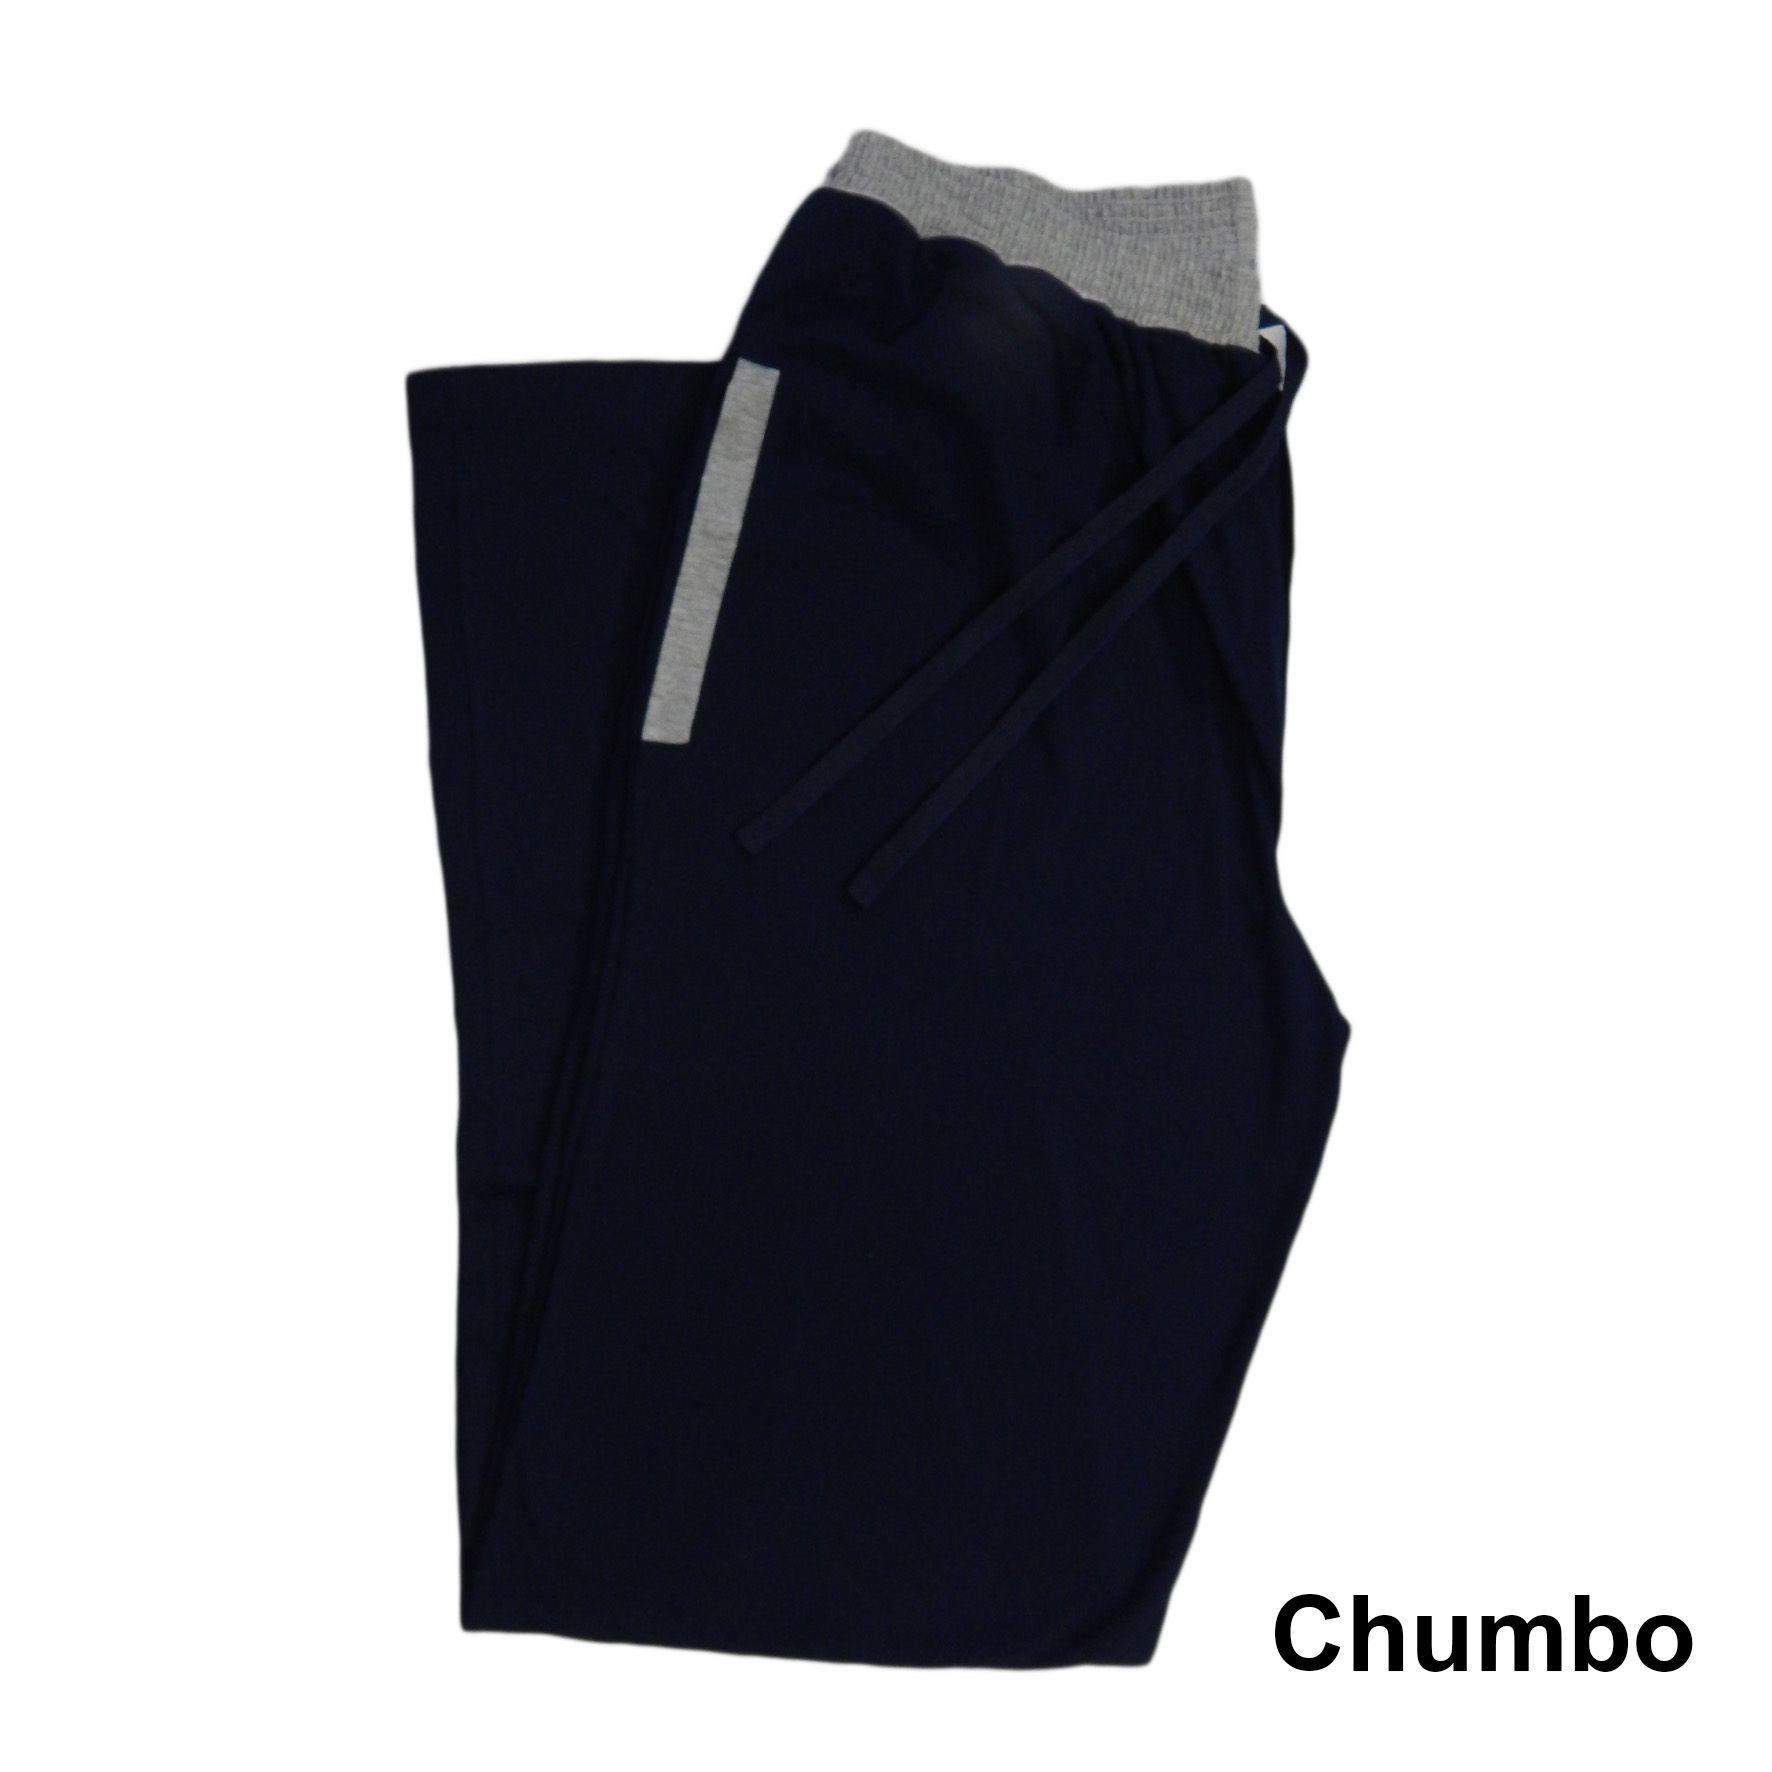 Calça Masculina Avulsa Lisa em Algodão com cordão e bolso Foxx 262279